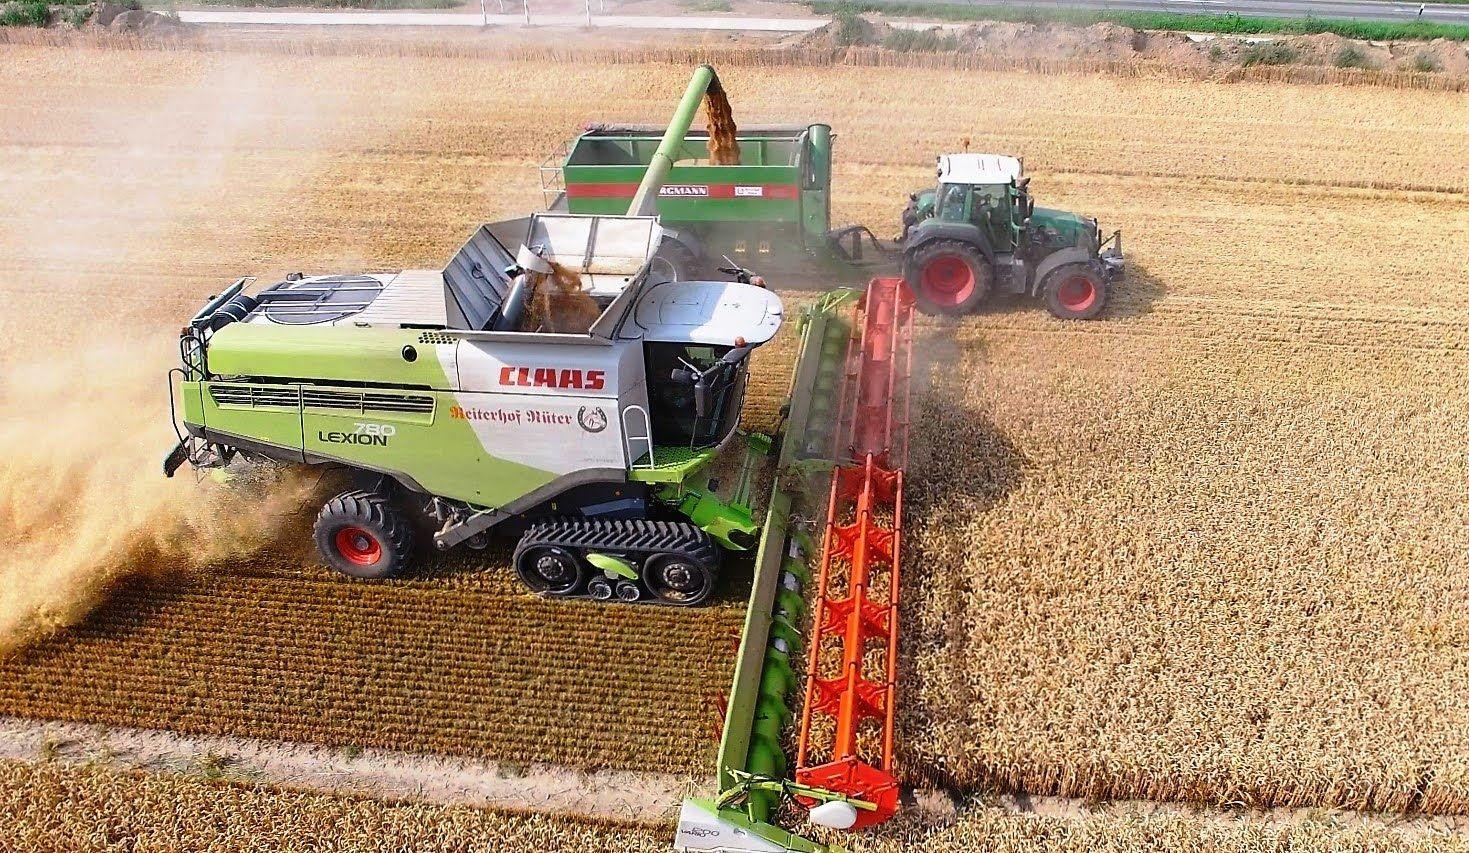 Mahdrescher Claas Lexion 780 Terra Trac Fendt Weizenernte Biggest Comb Mahdrescher Fendt Traktoren